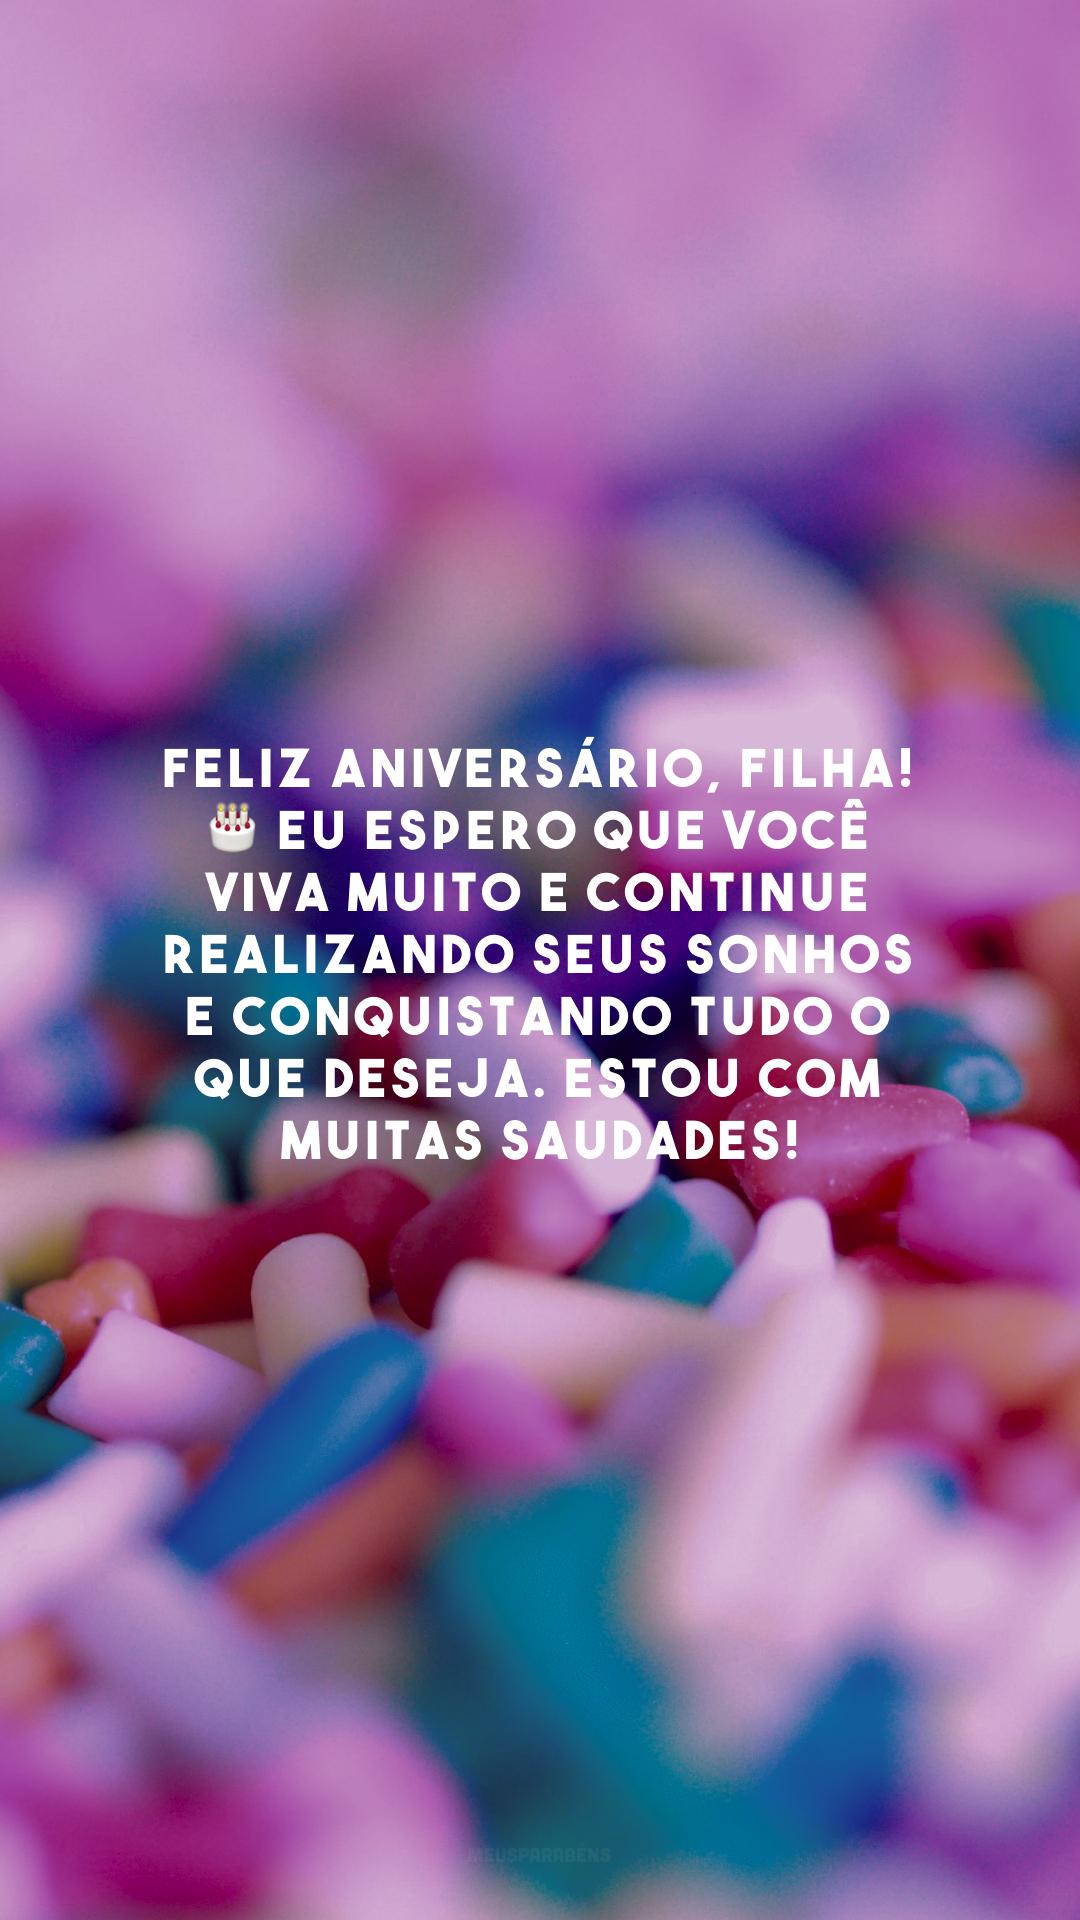 Feliz aniversário, filha! 🎂 Eu espero que você viva muito e continue realizando seus sonhos e conquistando tudo o que deseja. Estou com muitas saudades!